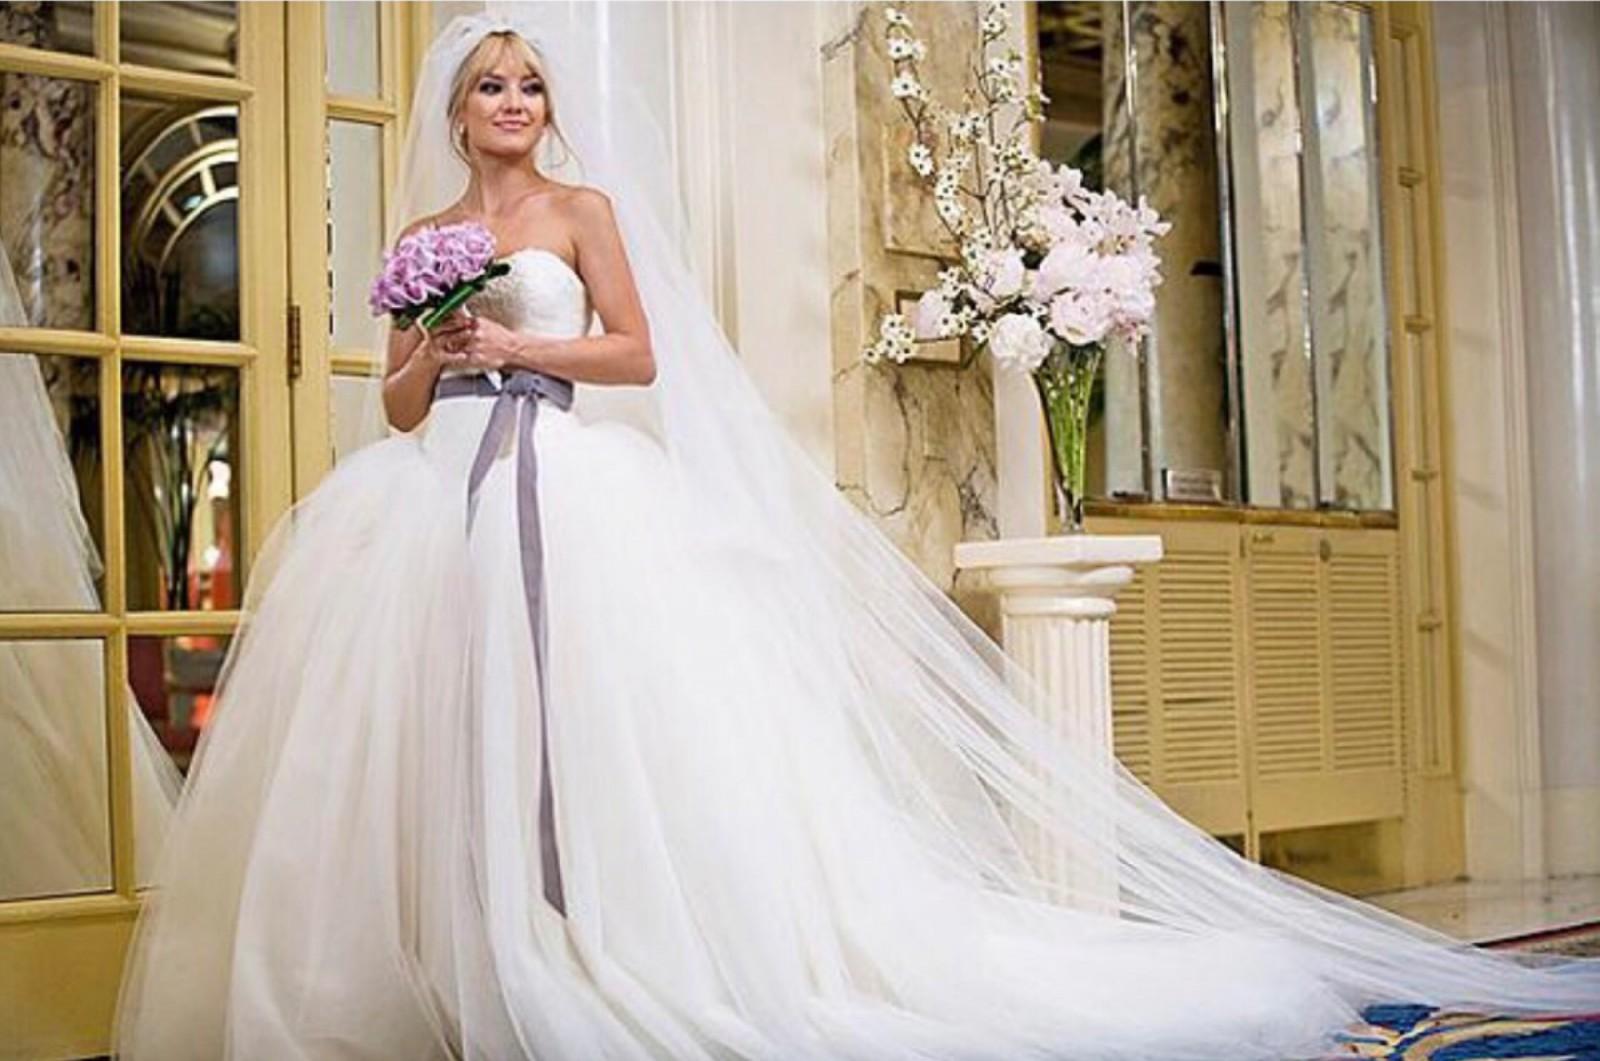 Bride Wars movie wedding dress